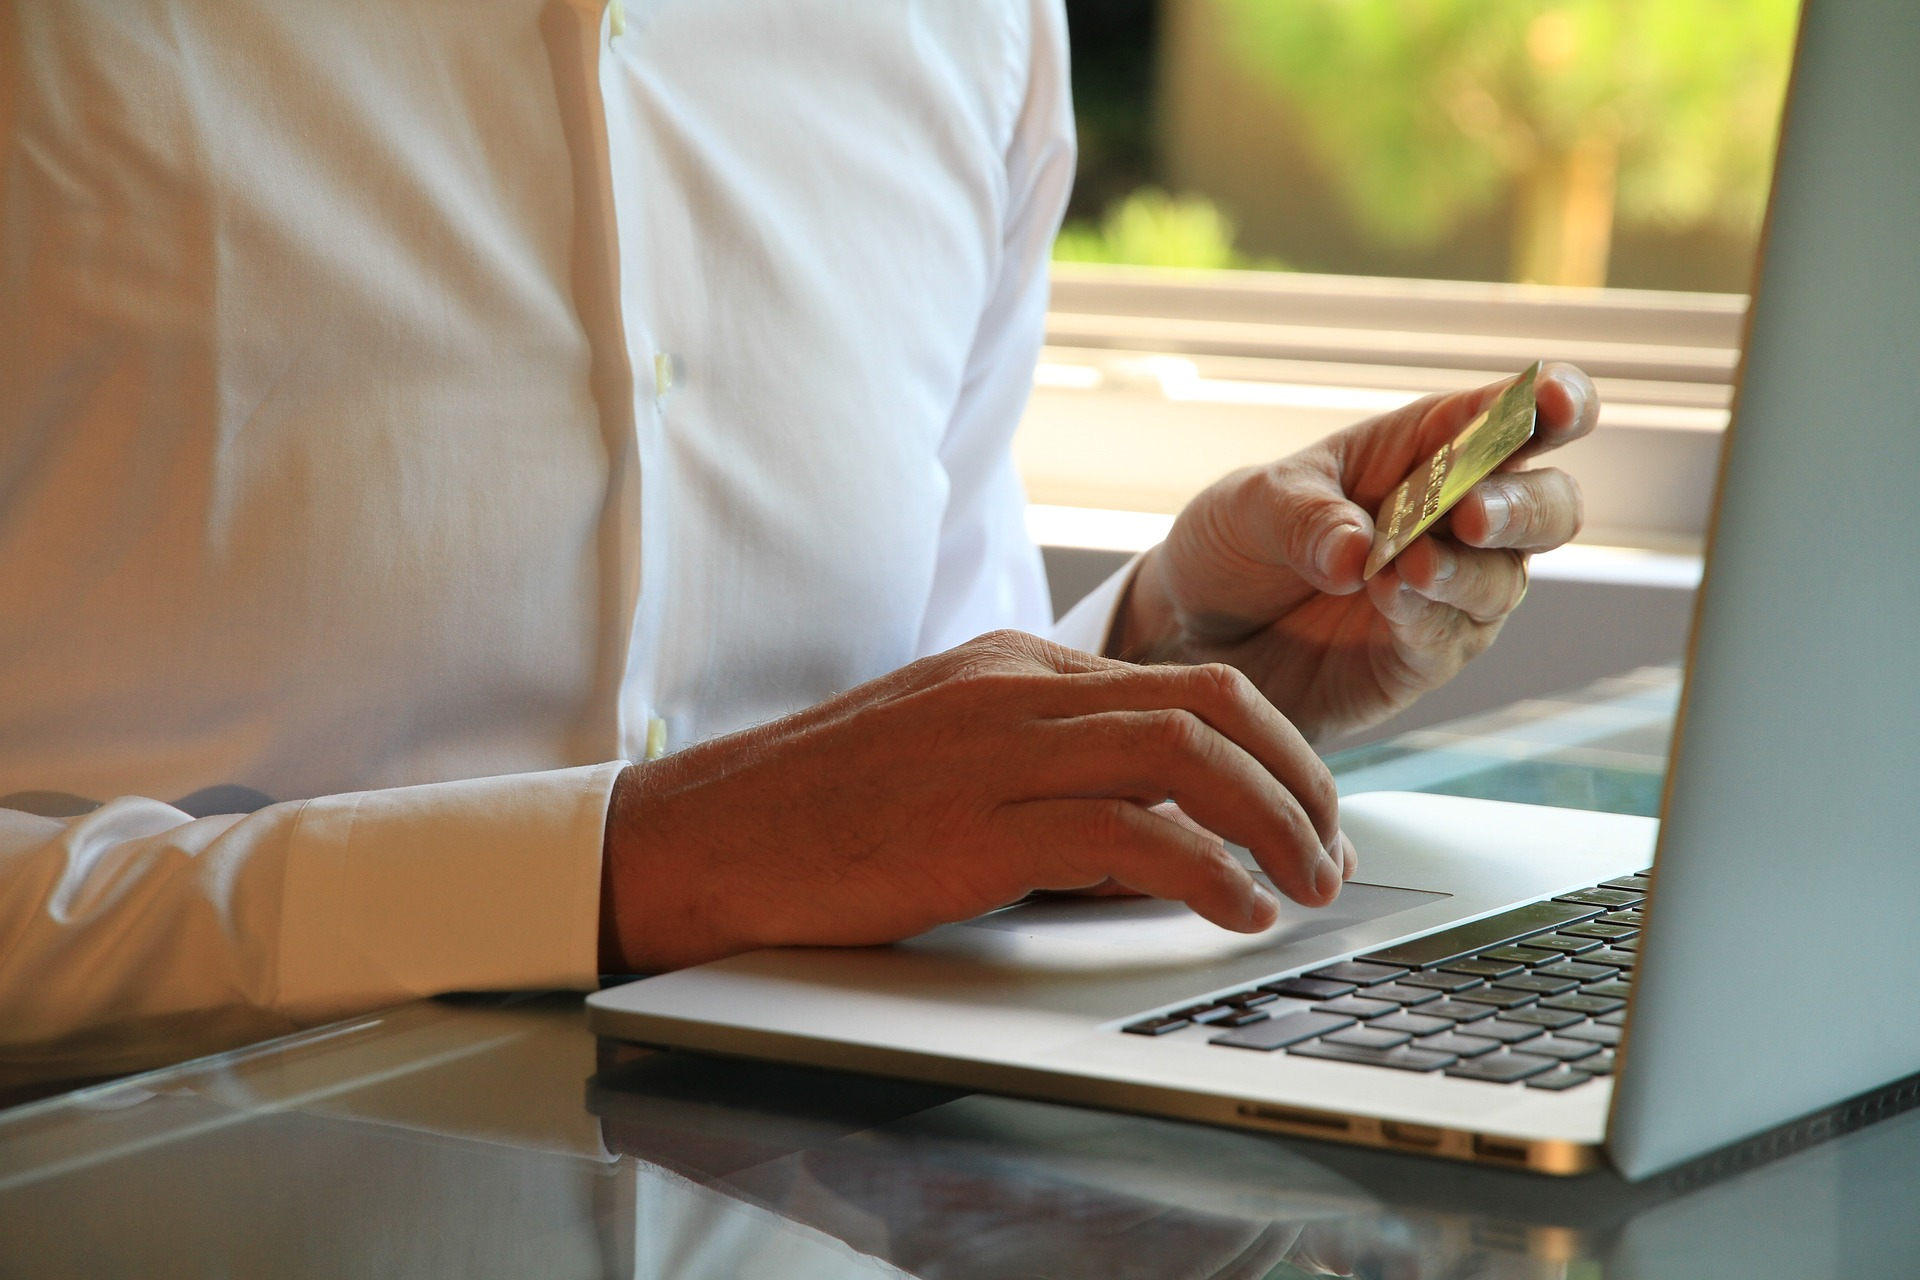 Empresa indeniza consumidora que comprou em site falso